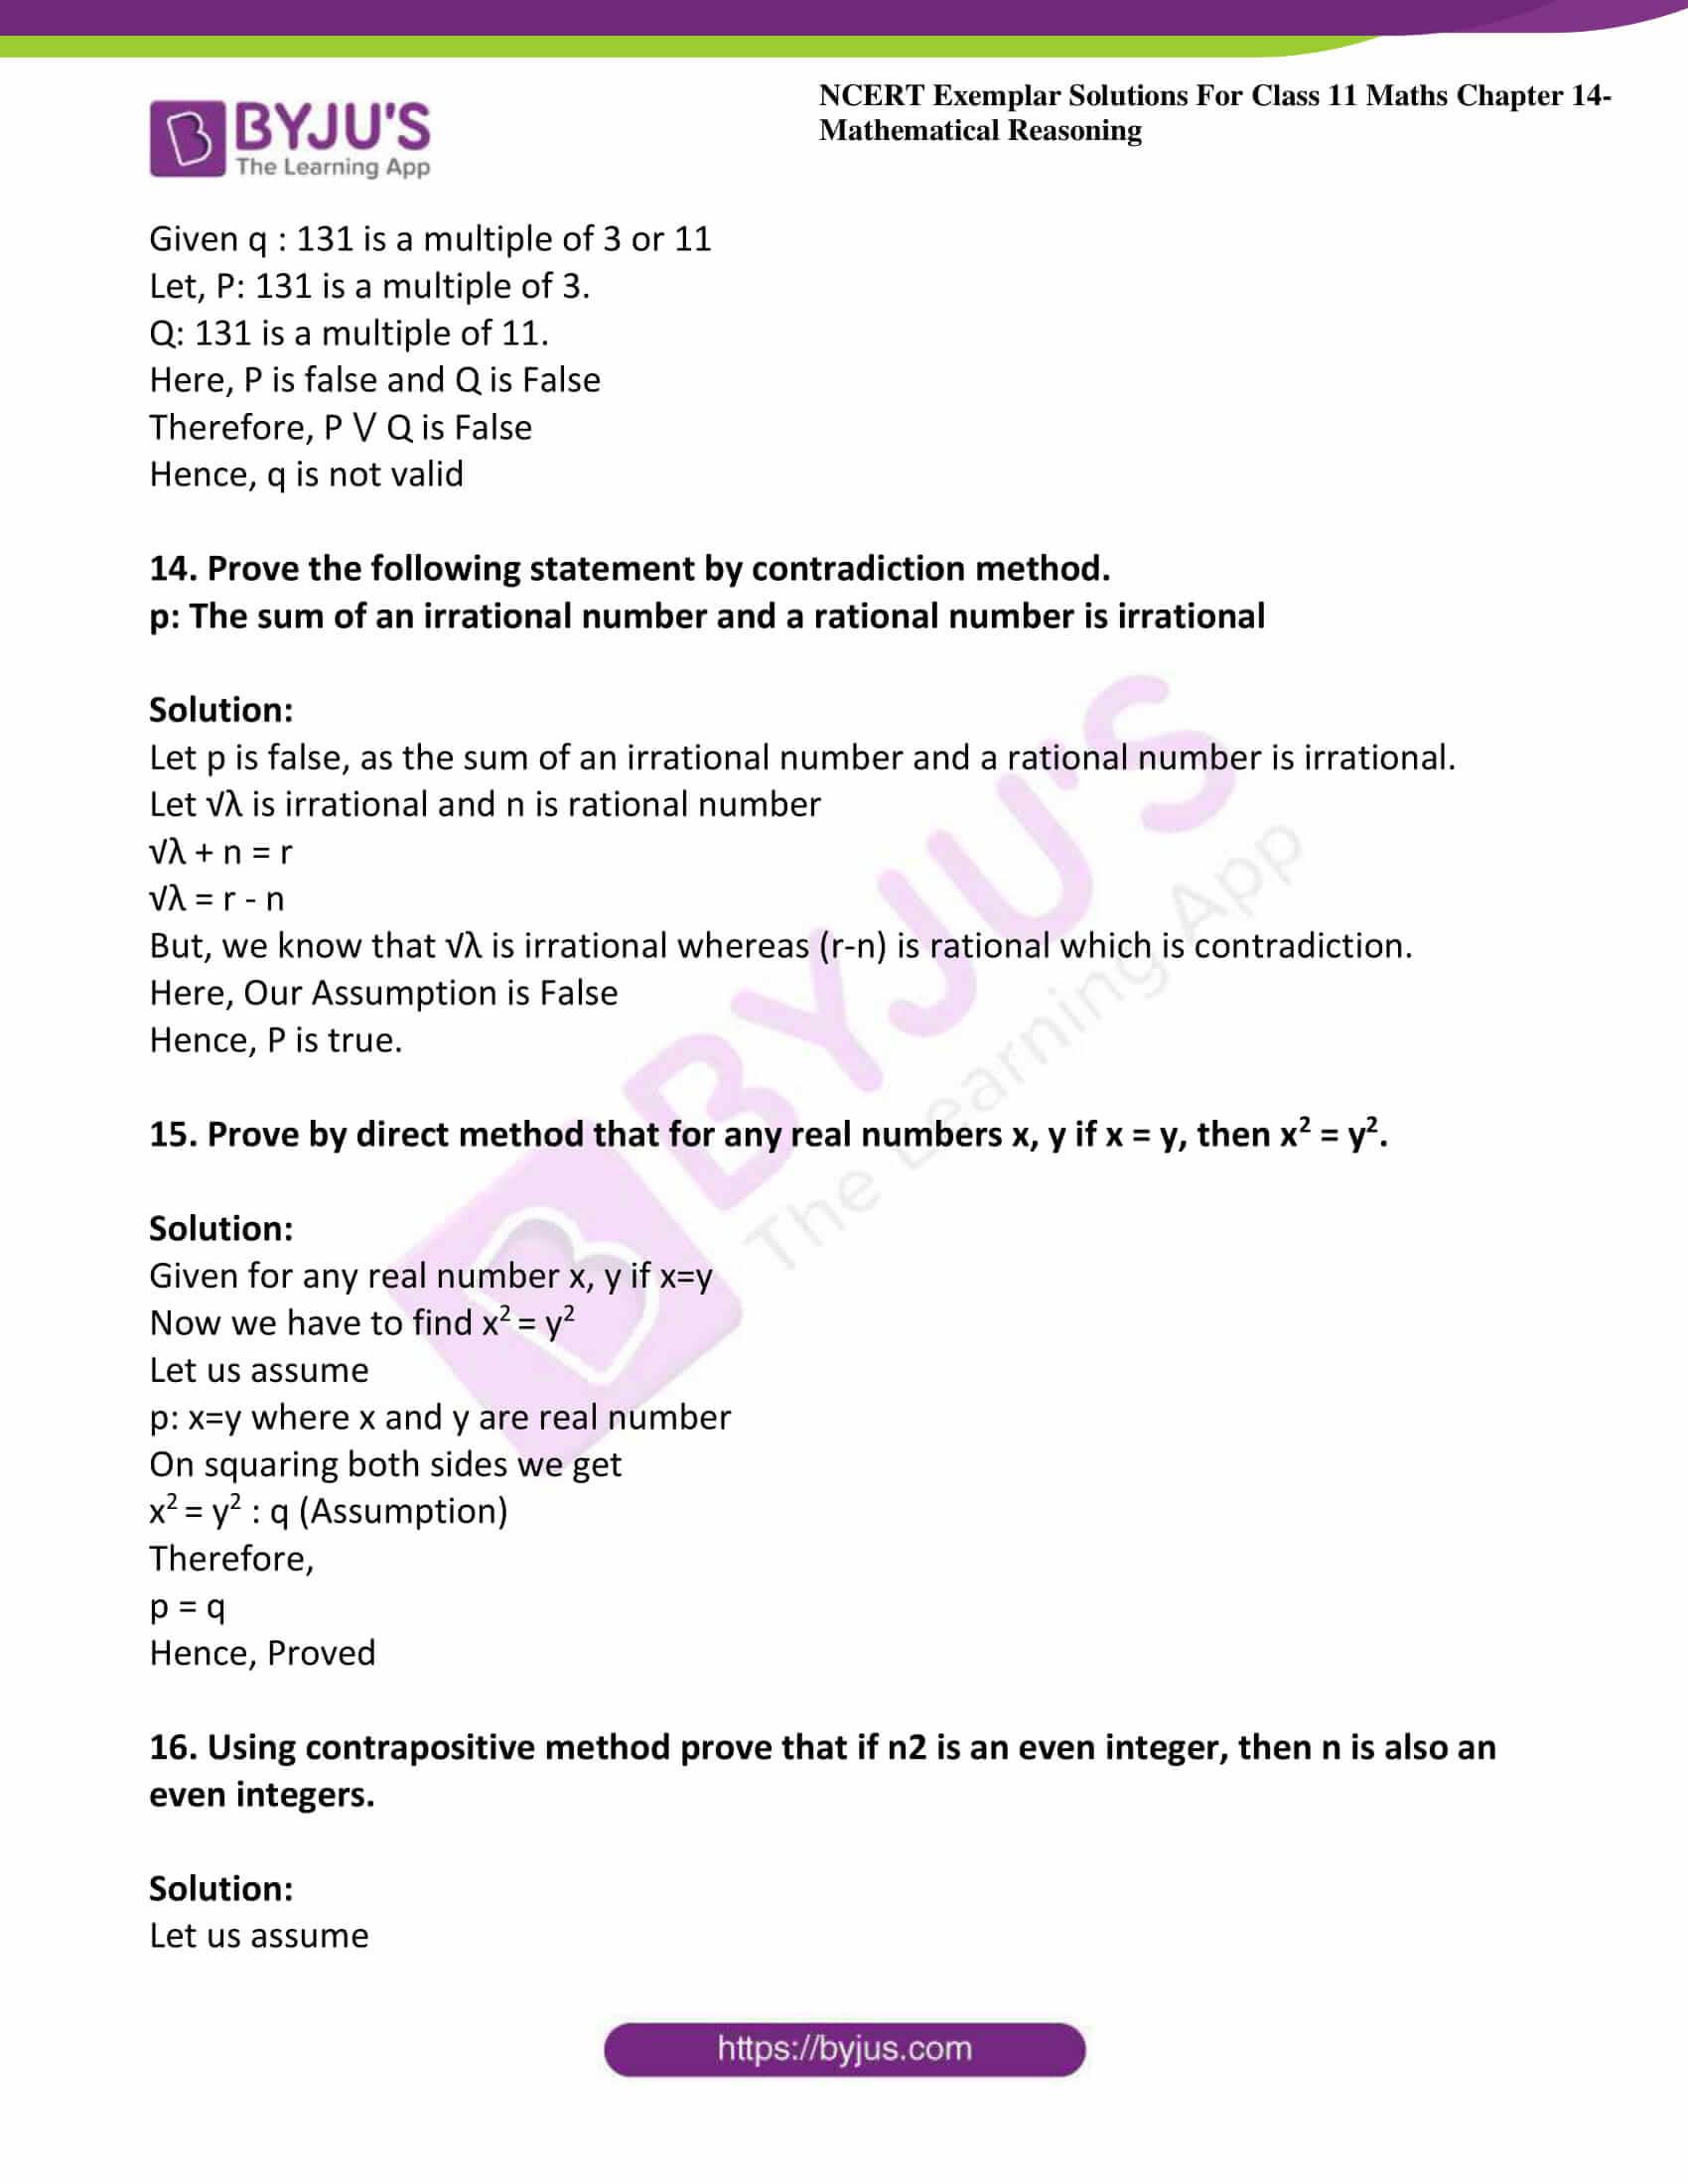 ncert exemplar sol class 11 maths chpt 14 mathematical 22